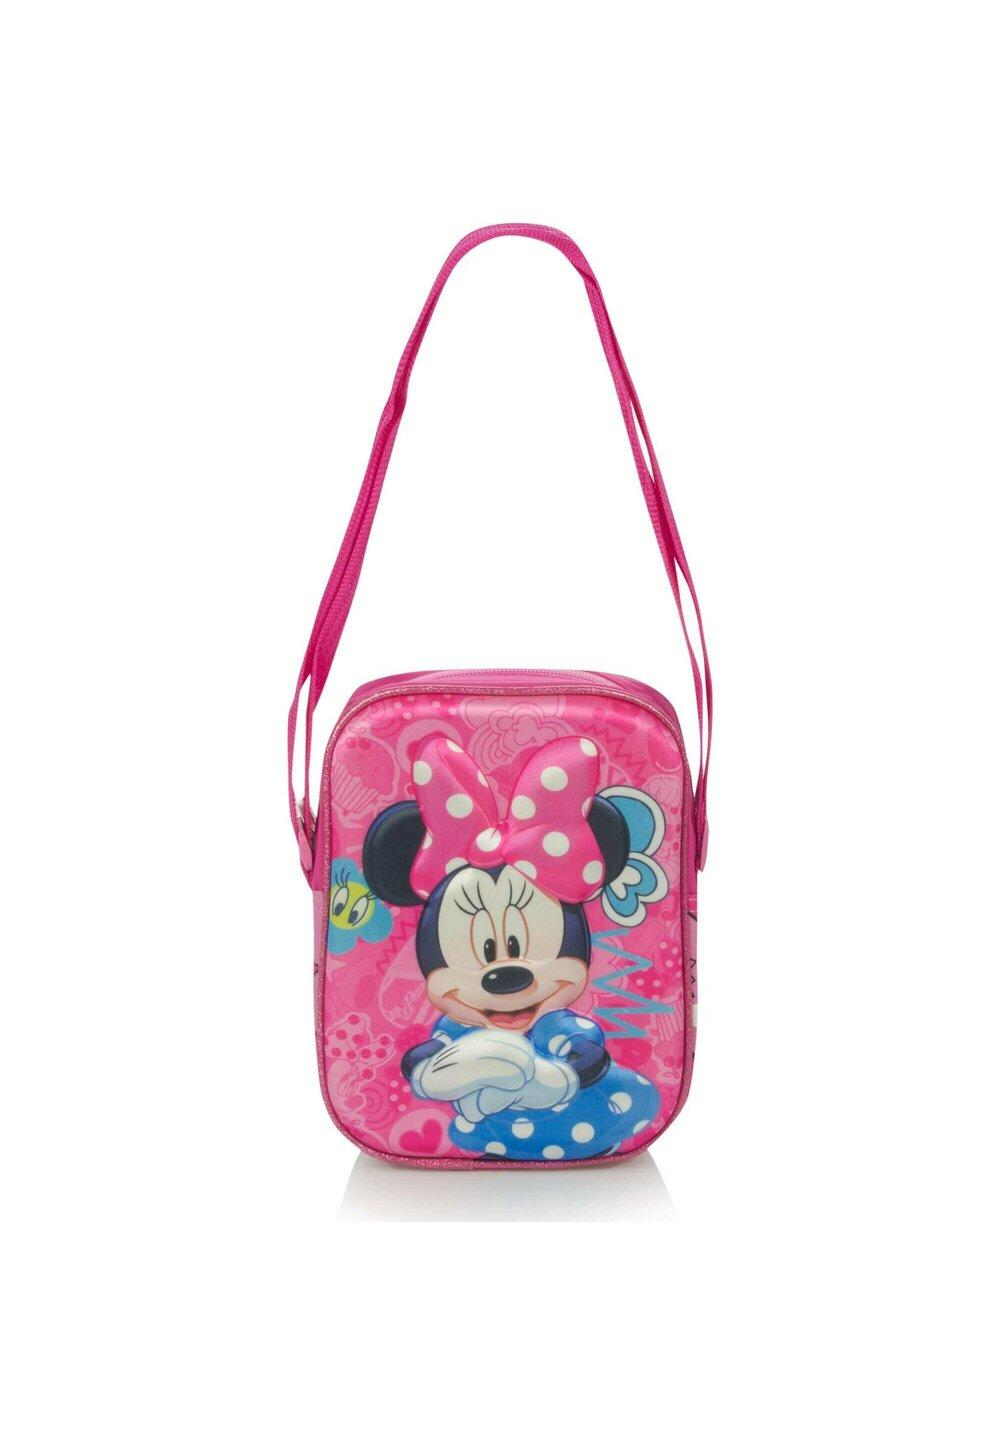 Geanta umar 3D, Minnie Mouse, roz imagine